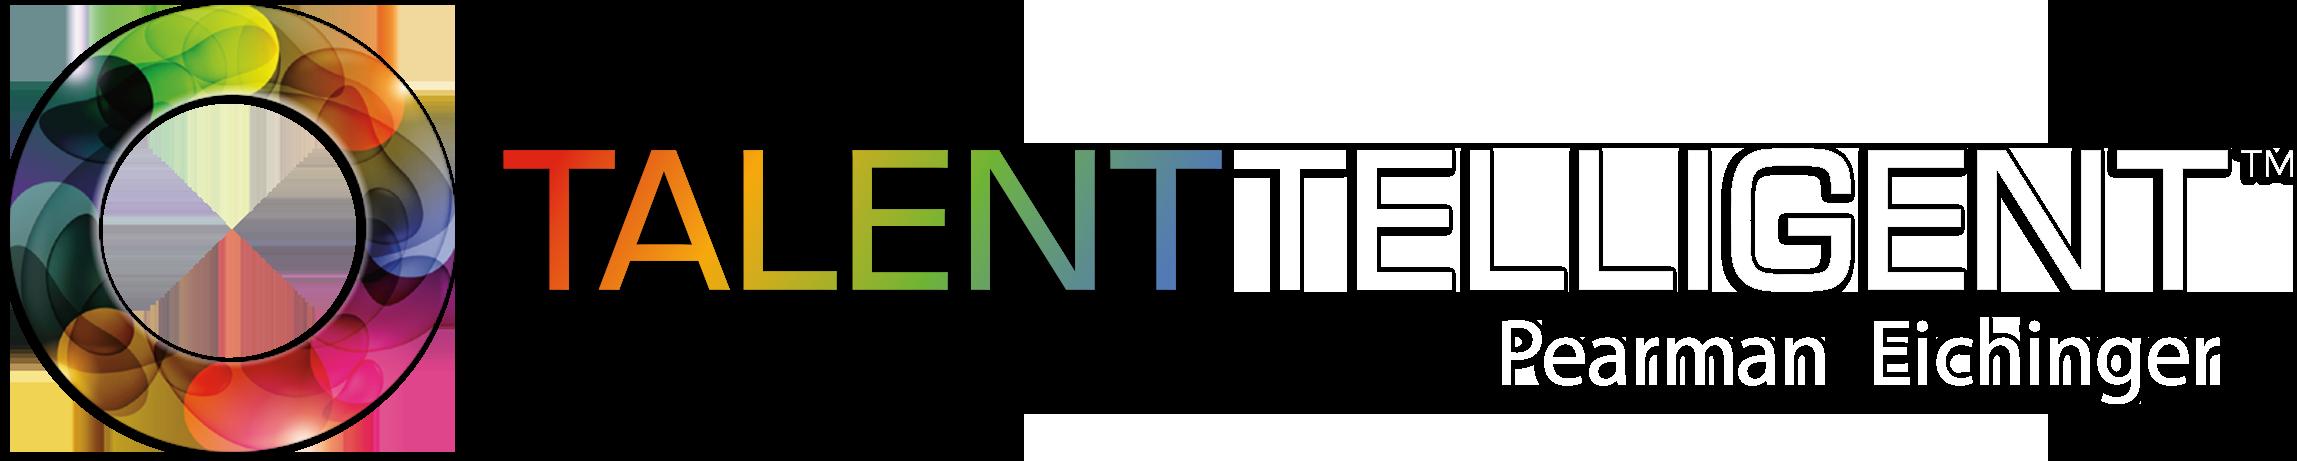 TalentTelligent Logo | Pearman Eichinger